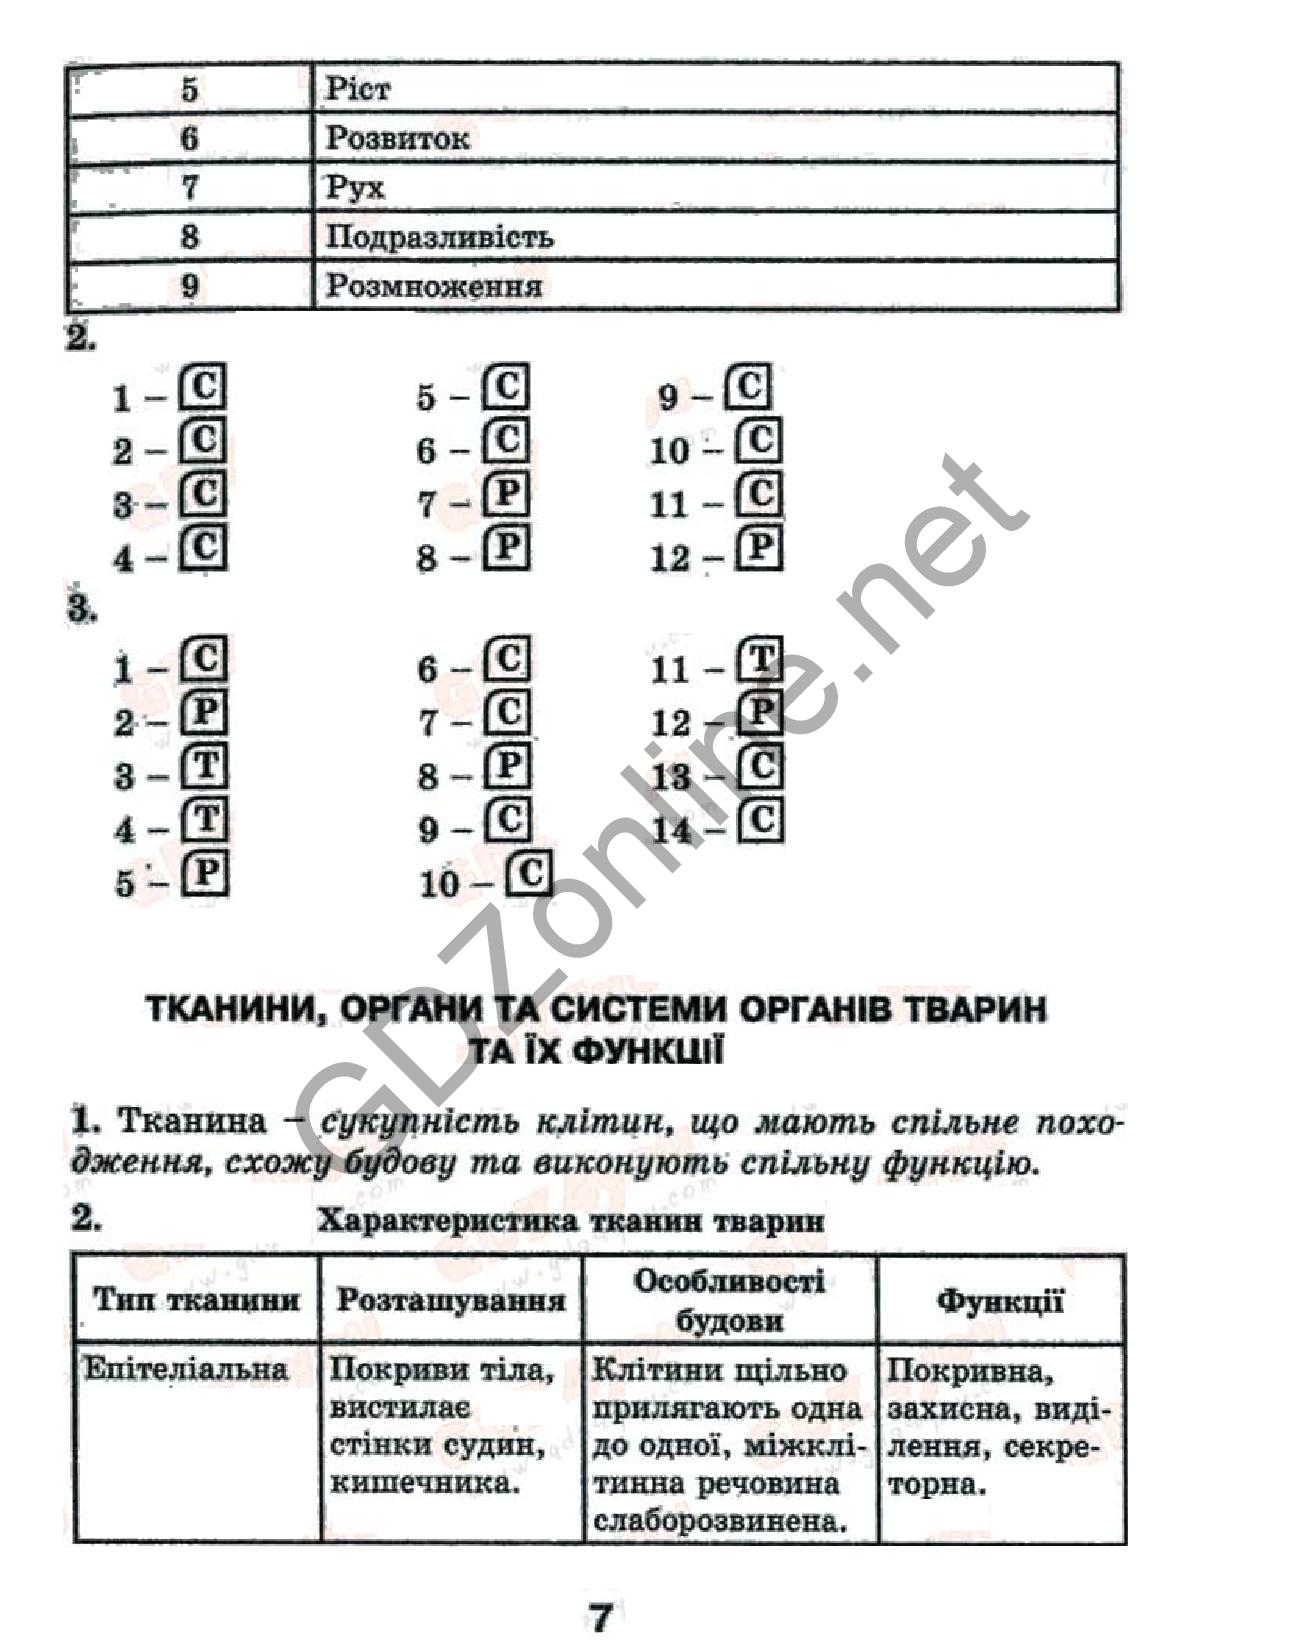 Гдз по біології 10 кл тагліна тести ответи